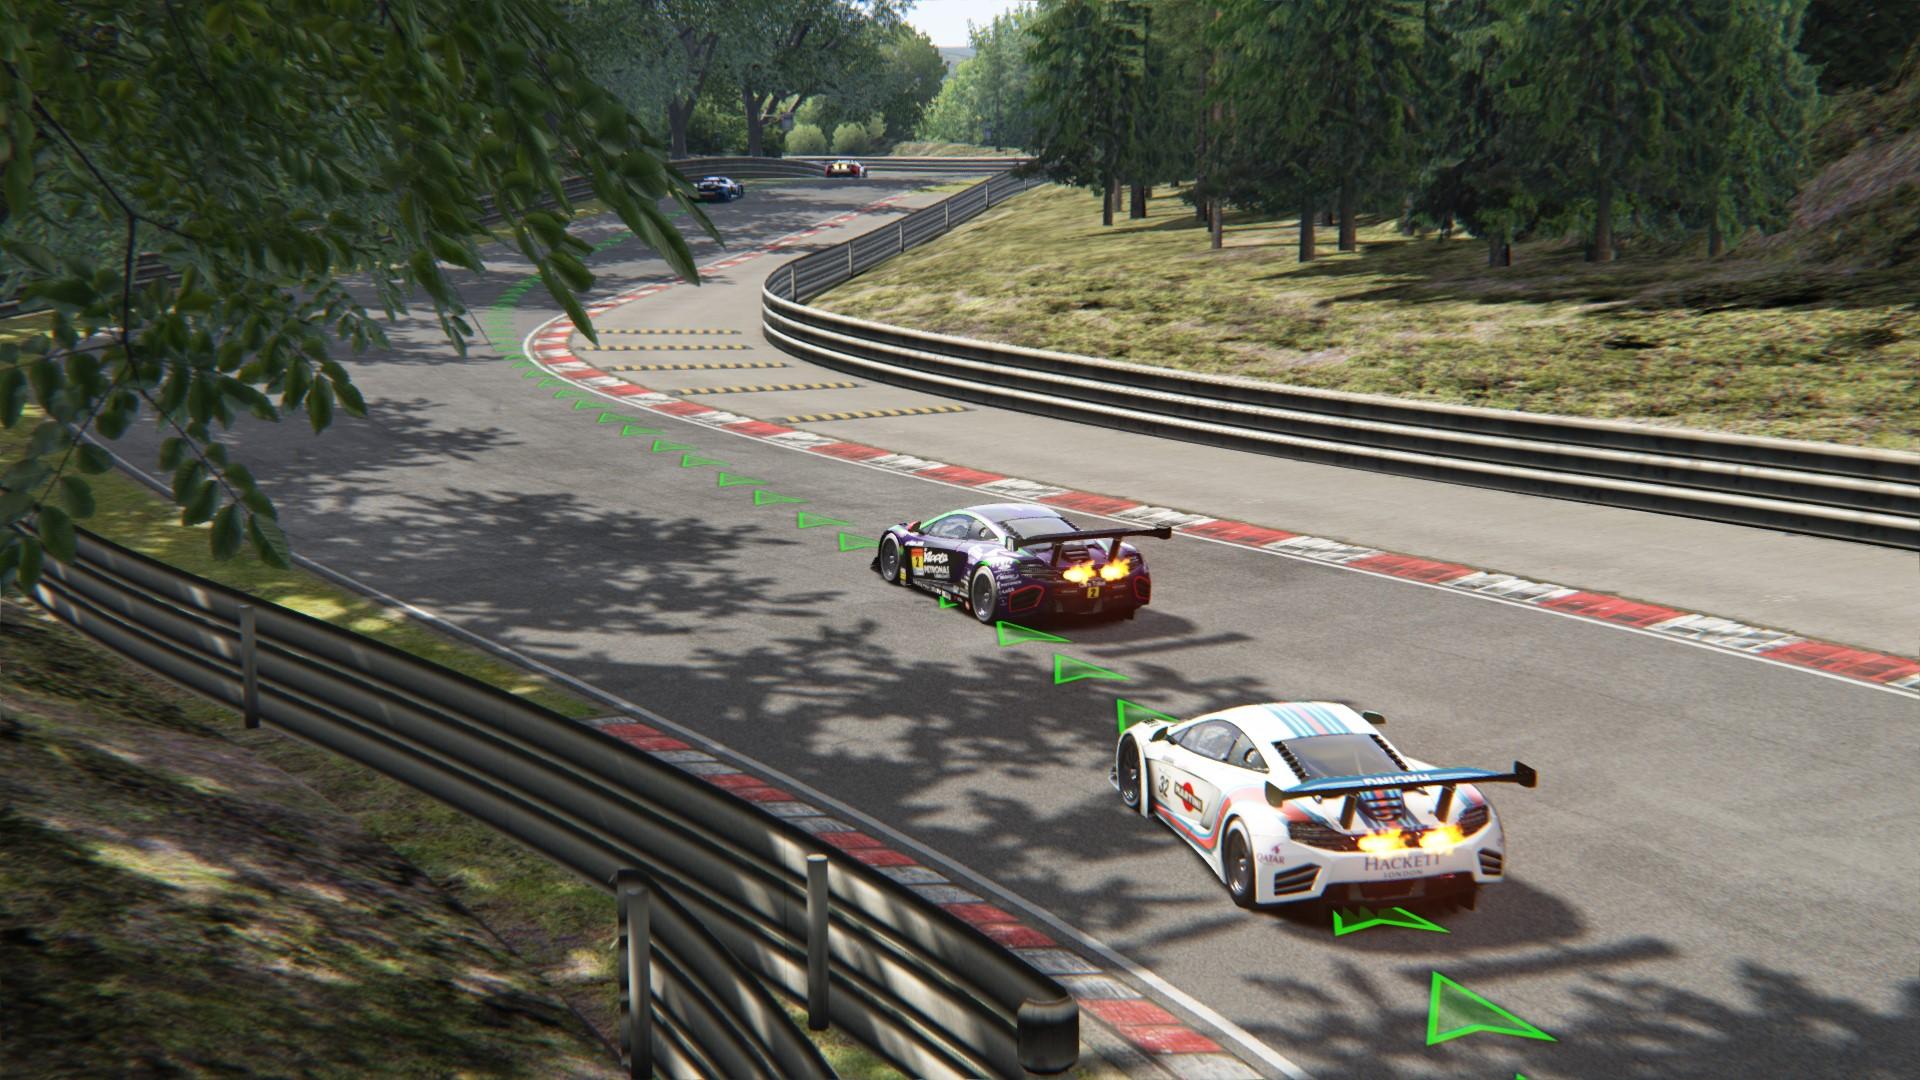 Screenshot_mclaren_mp412c_gt3_deepforest_raceway_1-6-120-22-35-40.jpg